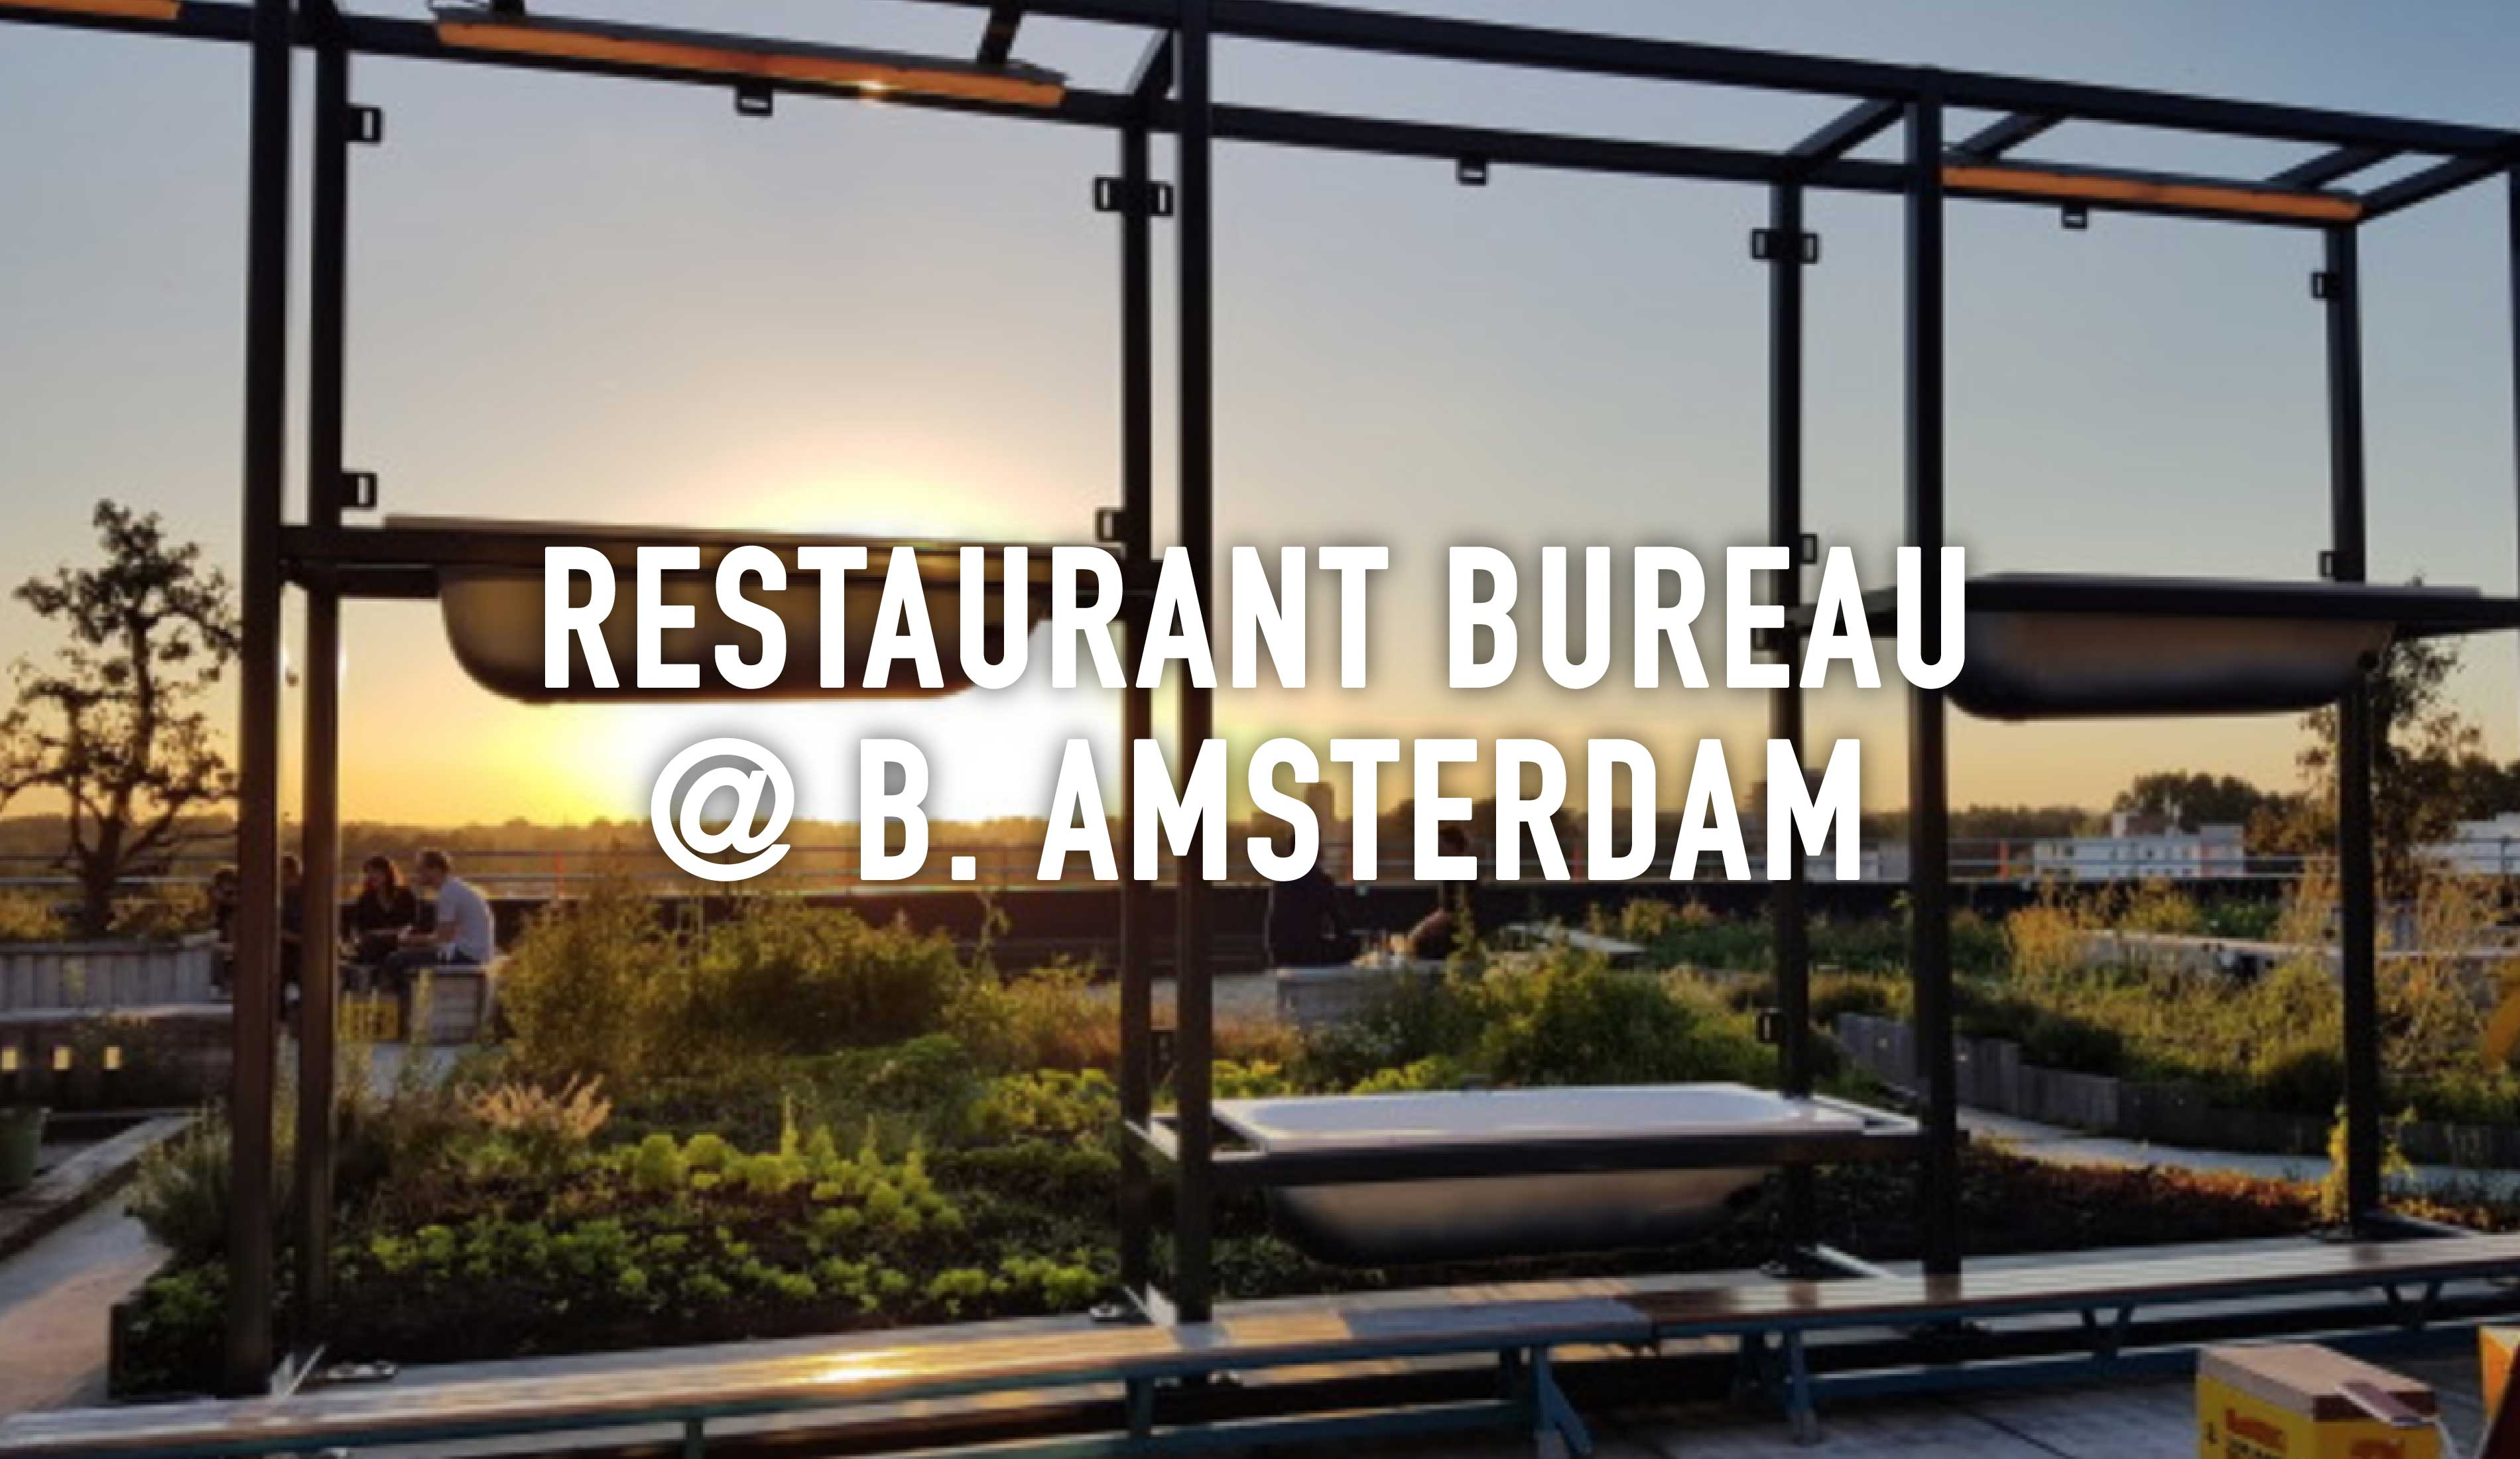 Restaurant bureau b amsterdam roef